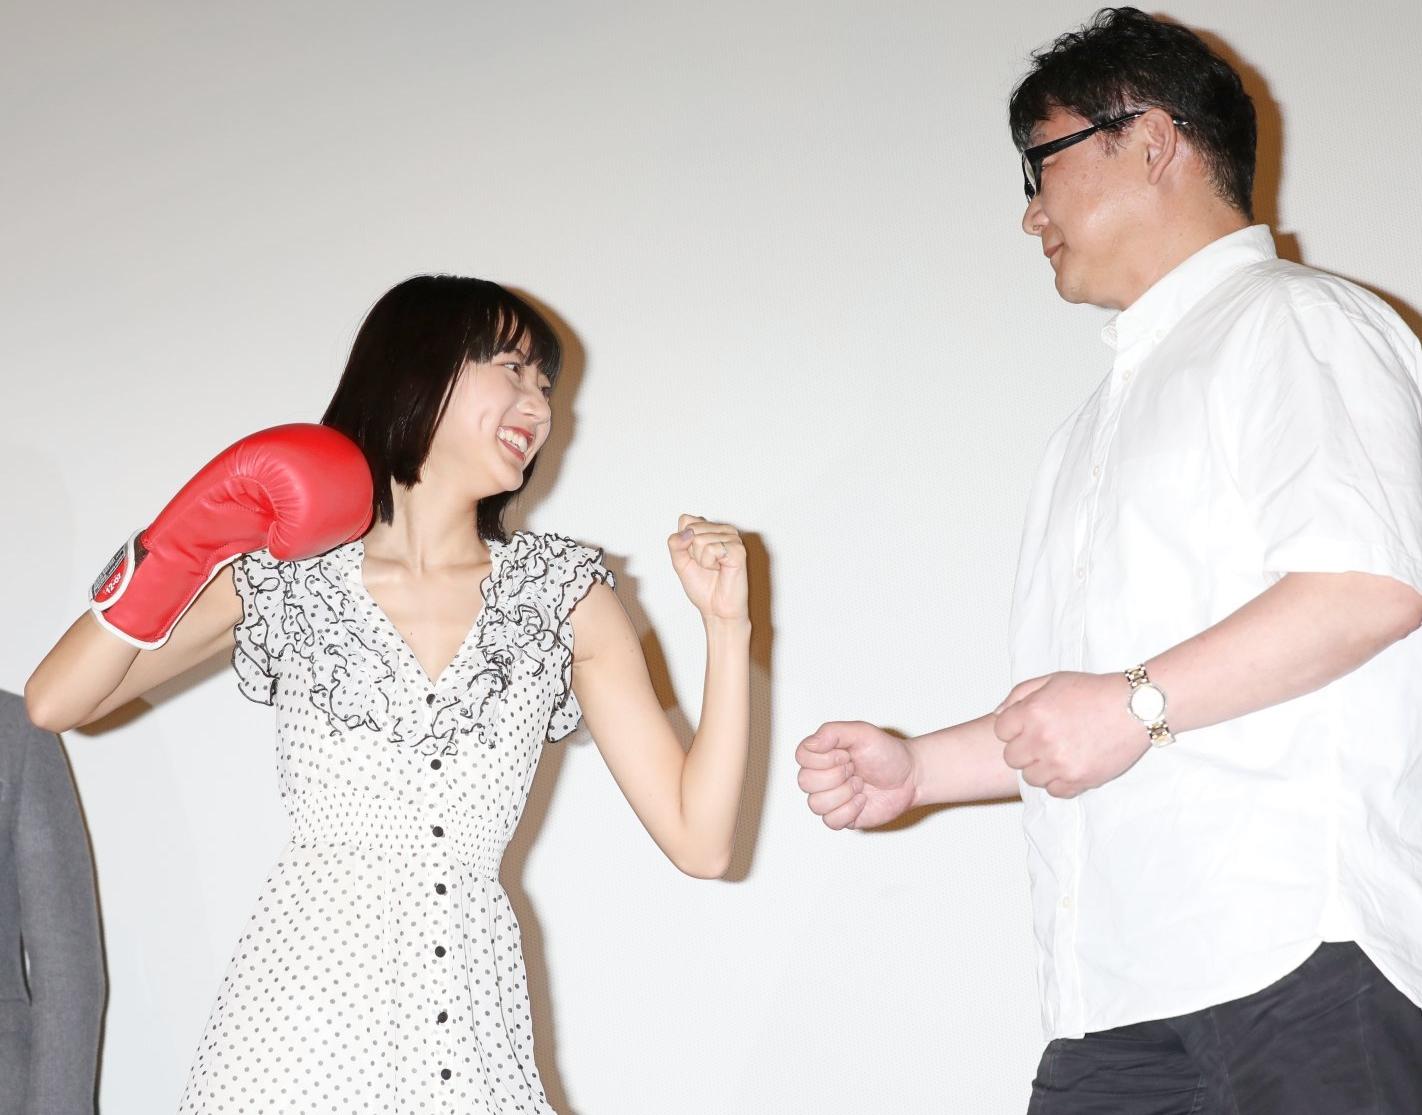 武田玲奈の腋見せパンチ (2)